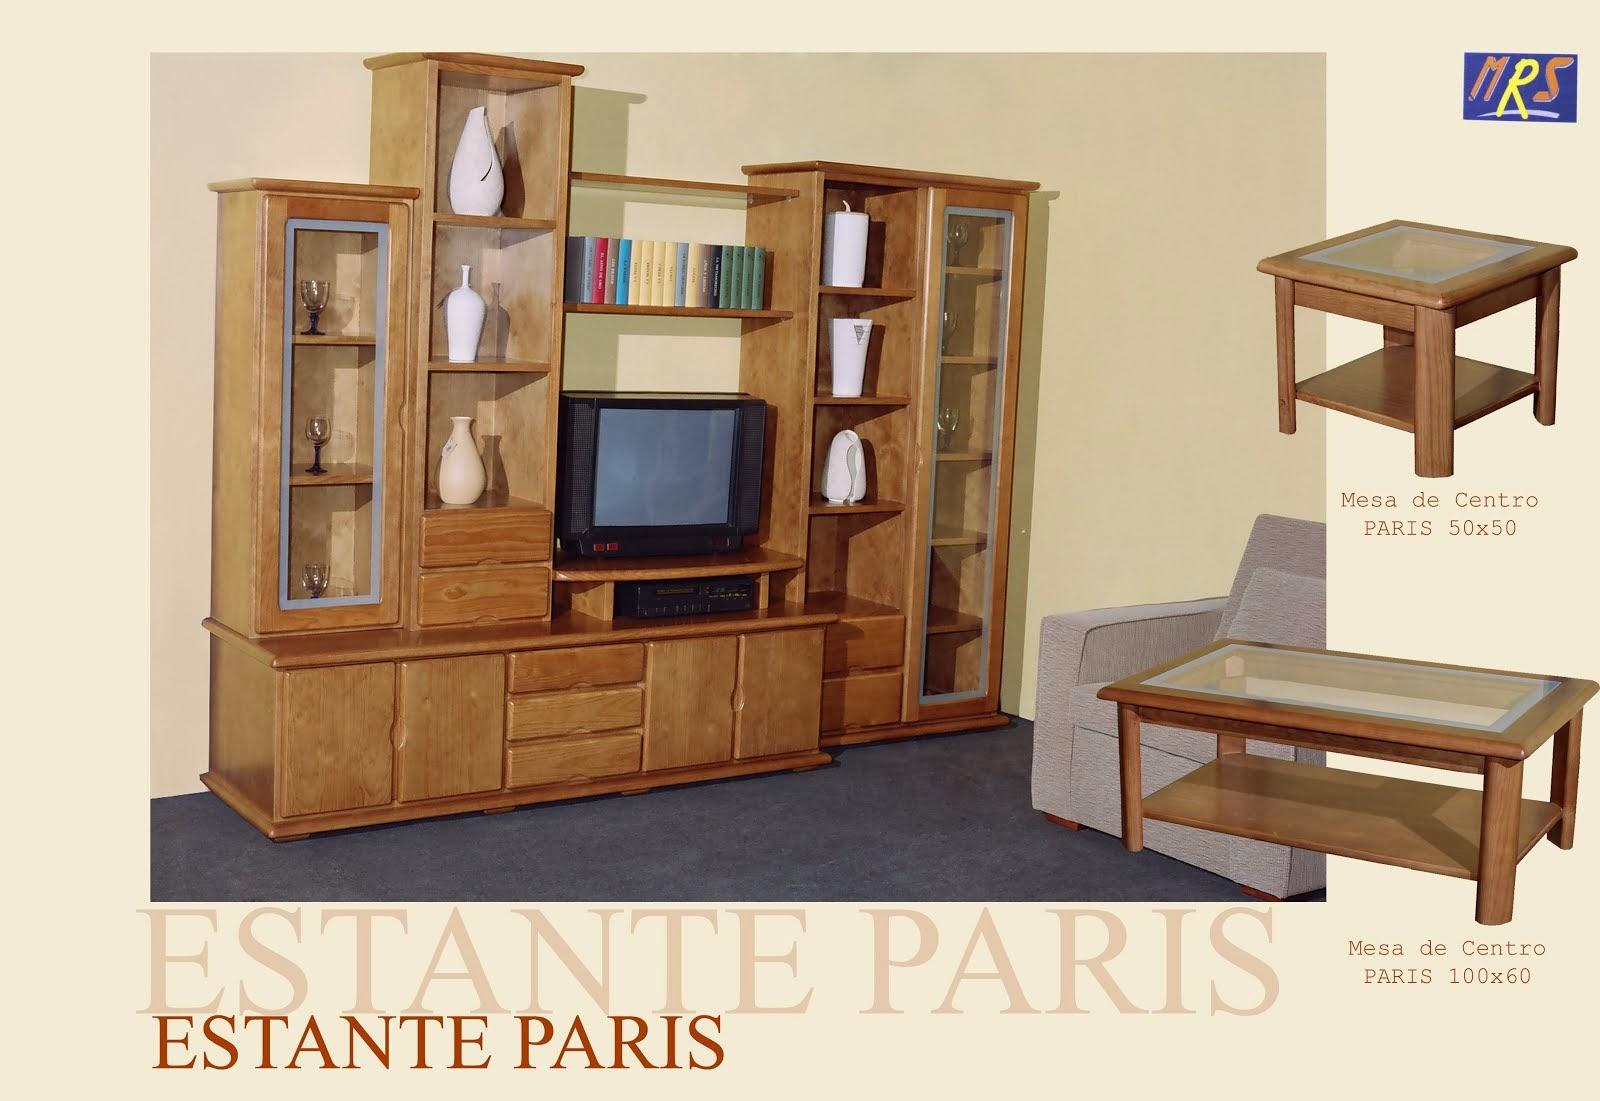 ESTANTE PARIS